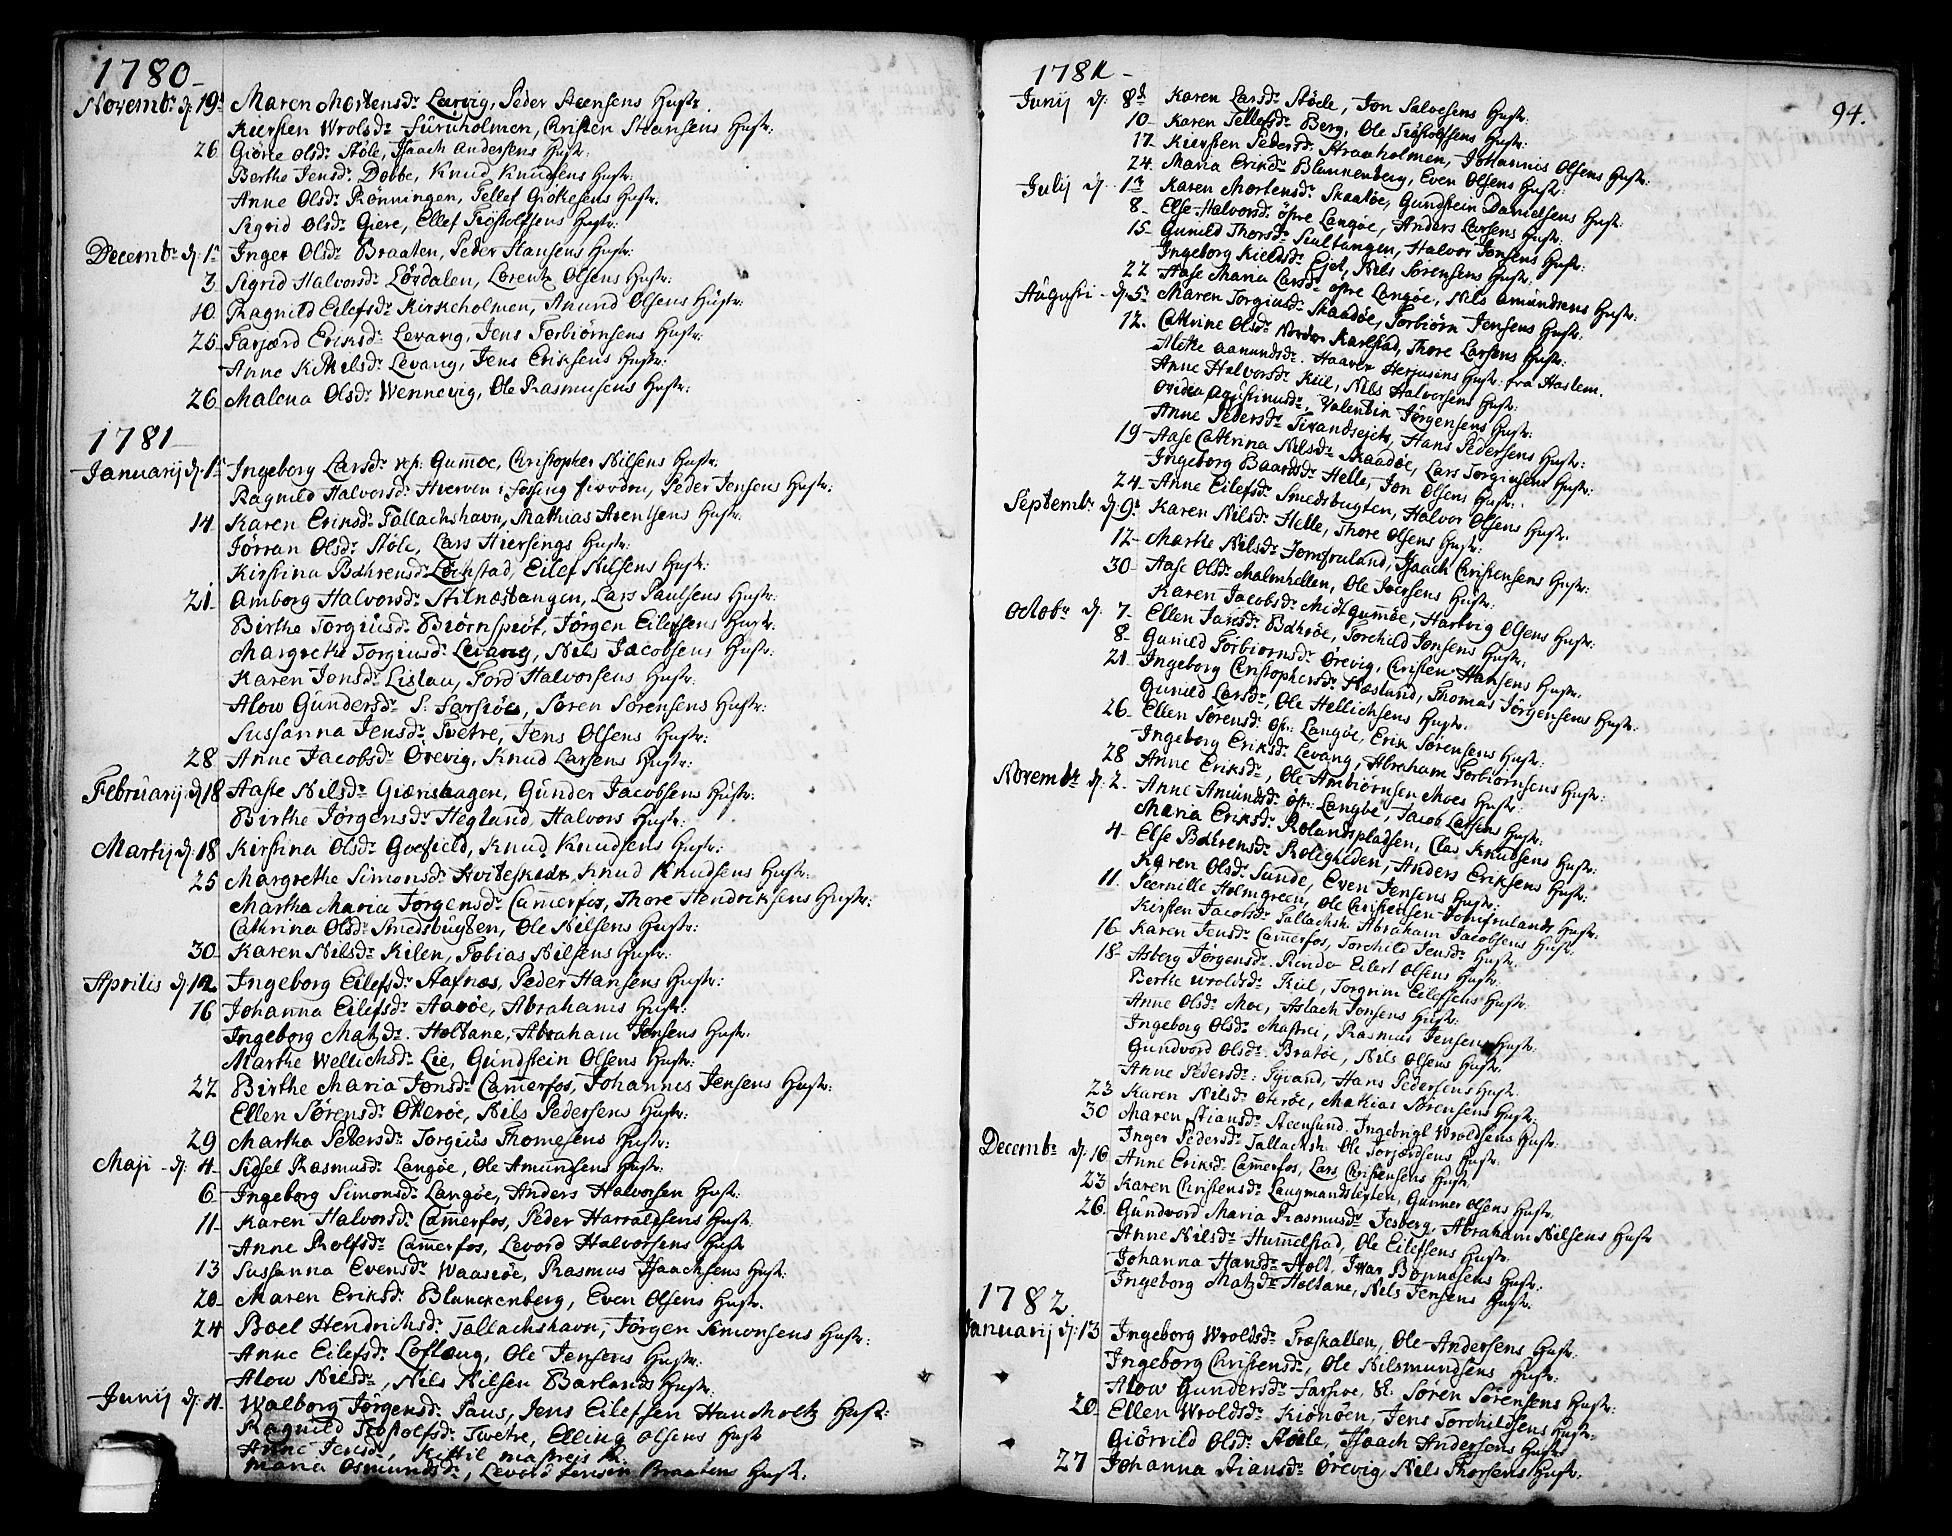 SAKO, Sannidal kirkebøker, F/Fa/L0002: Ministerialbok nr. 2, 1767-1802, s. 94